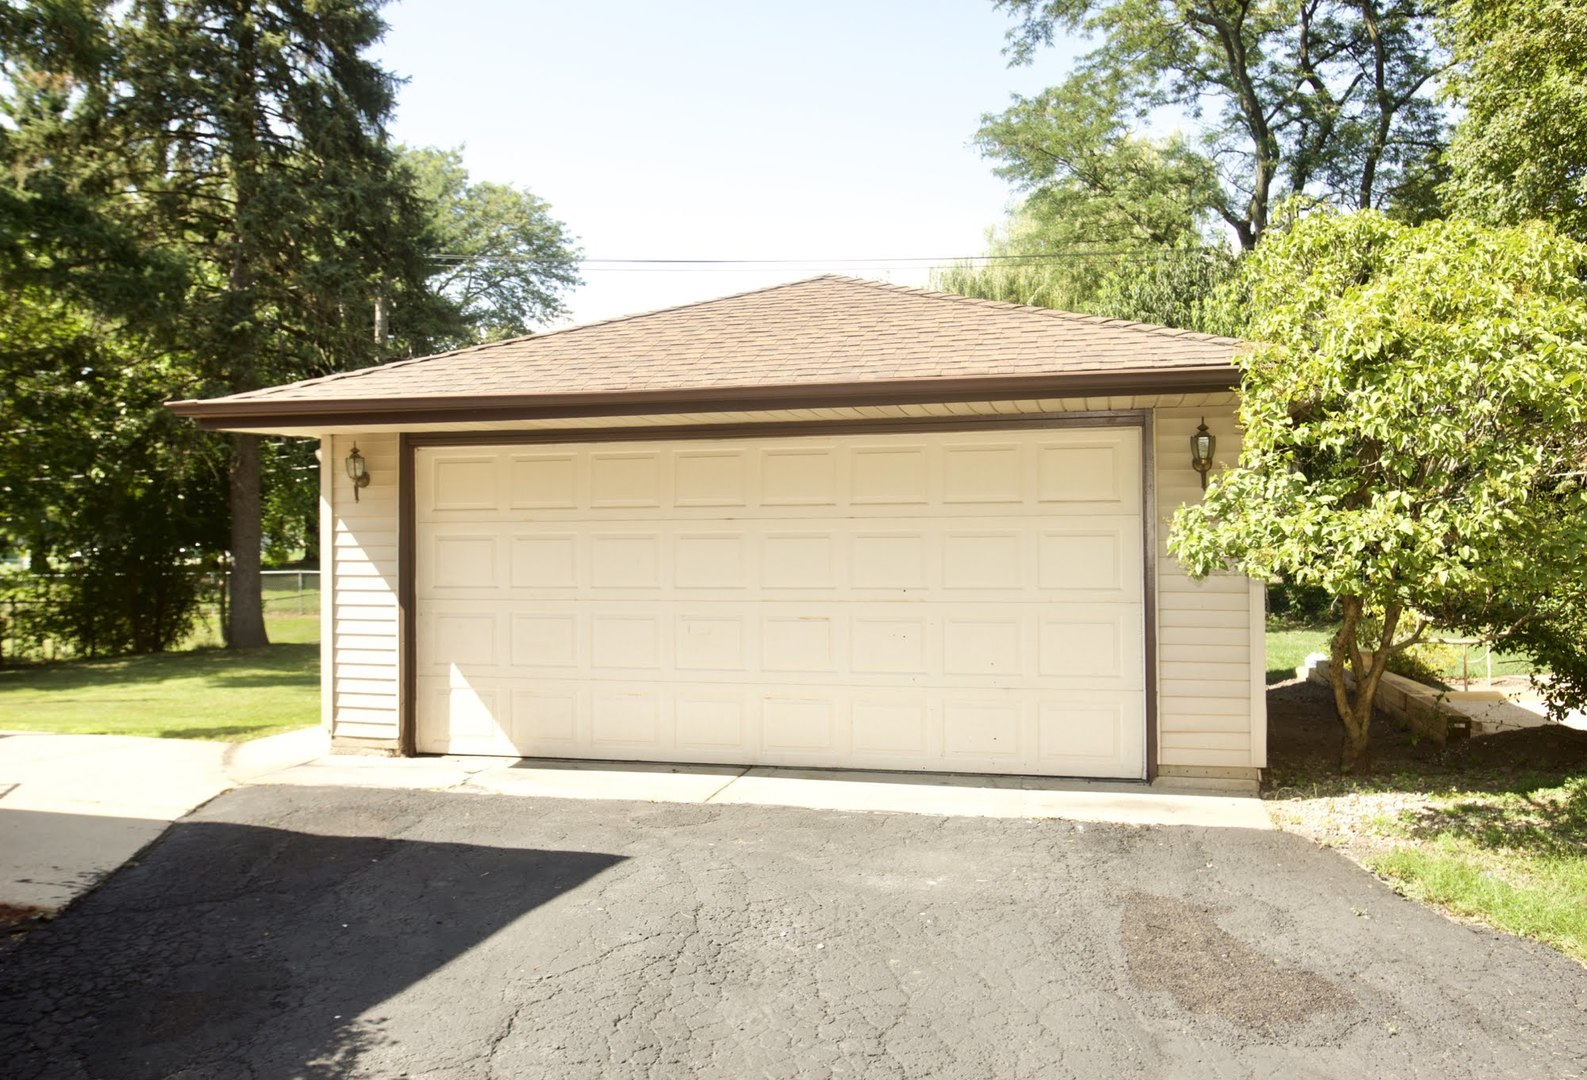 1802 Bonita, Mount Prospect, Illinois, 60056